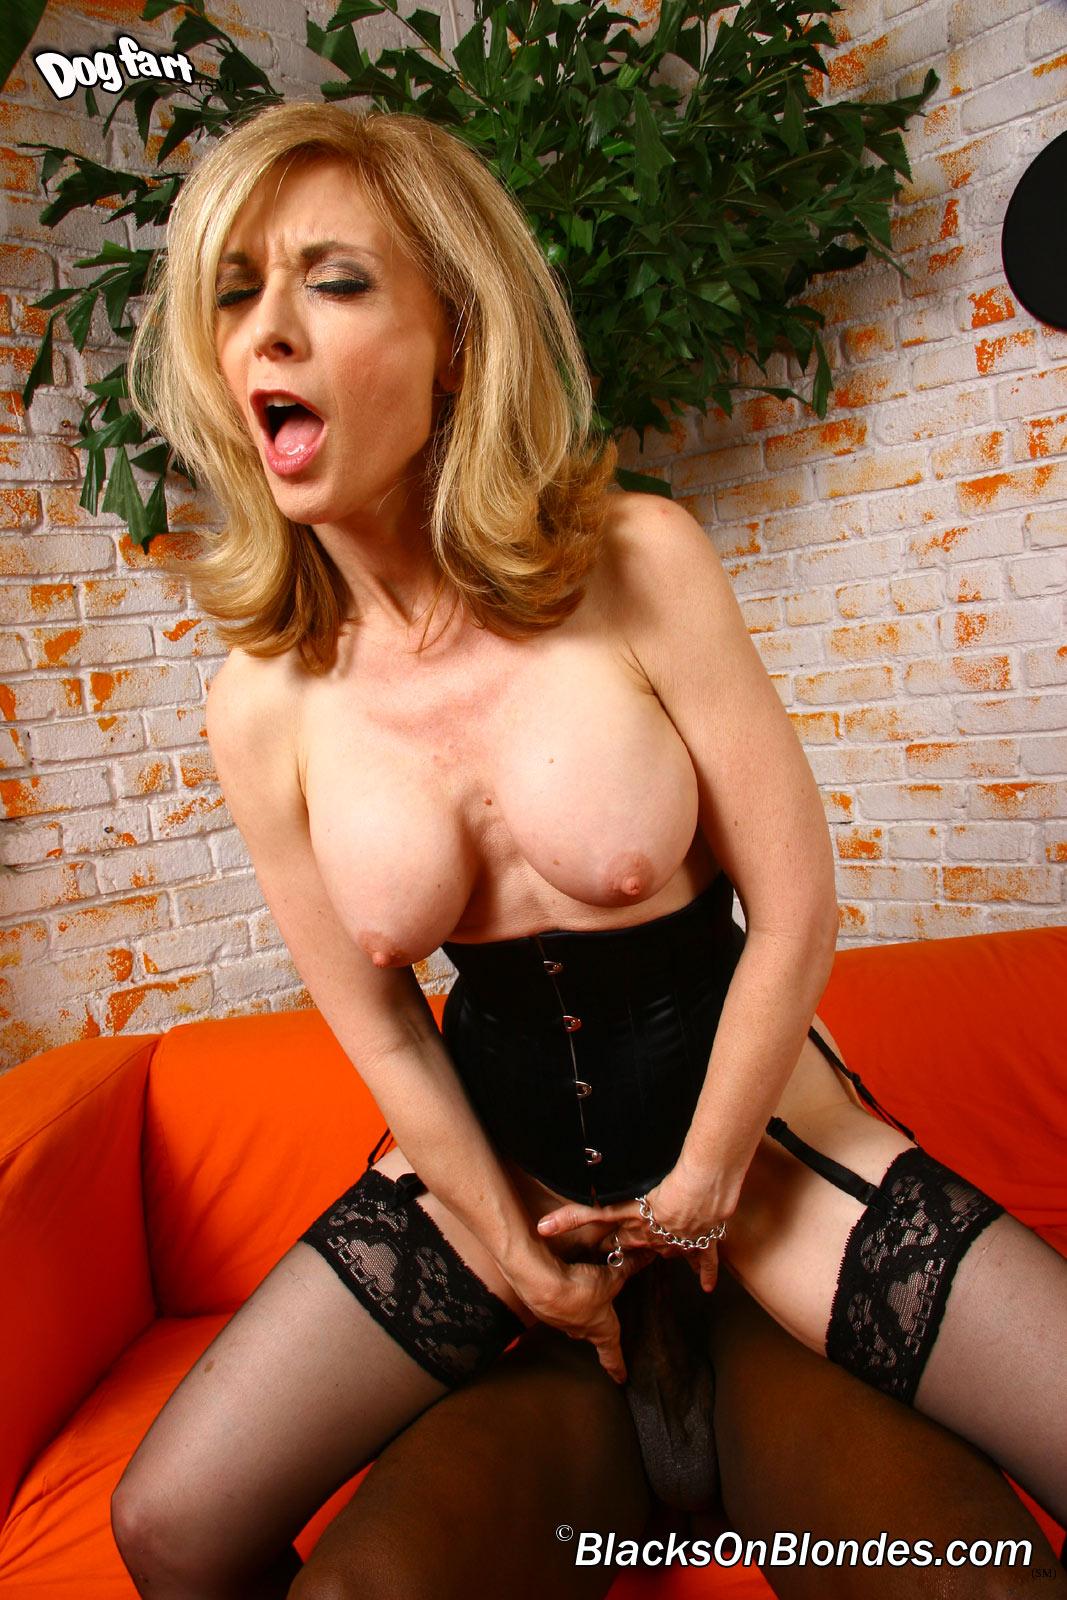 Смотреть порно с грейс хартли 22 фотография